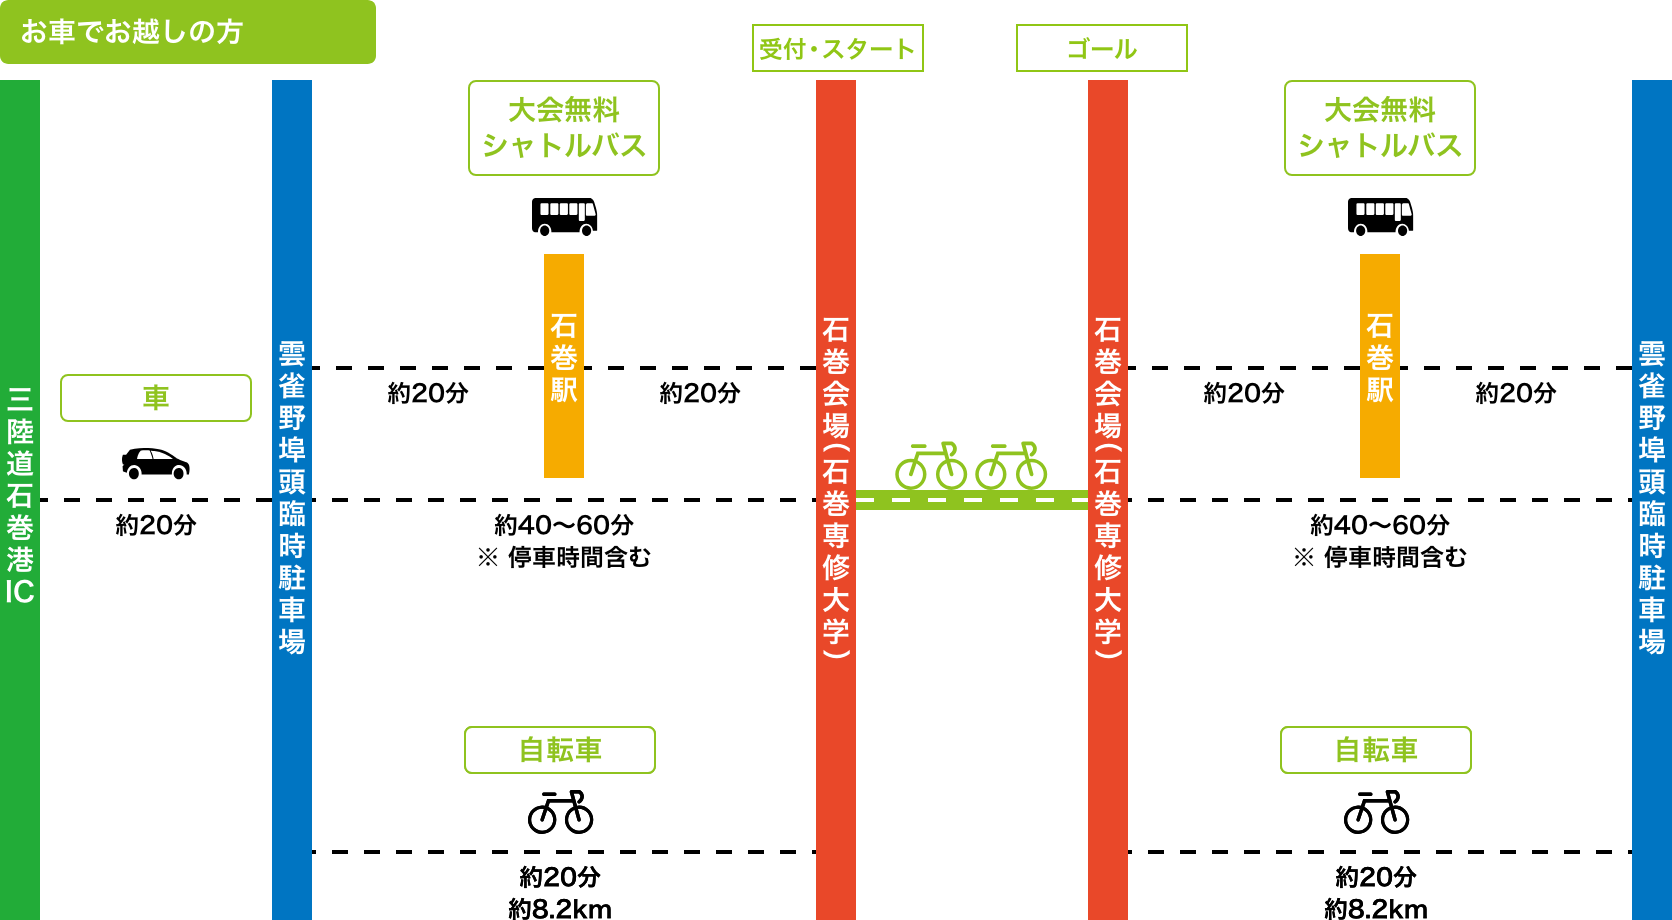 石巻会場(石巻専修大学)へのアクセス図:お車でお越しの方